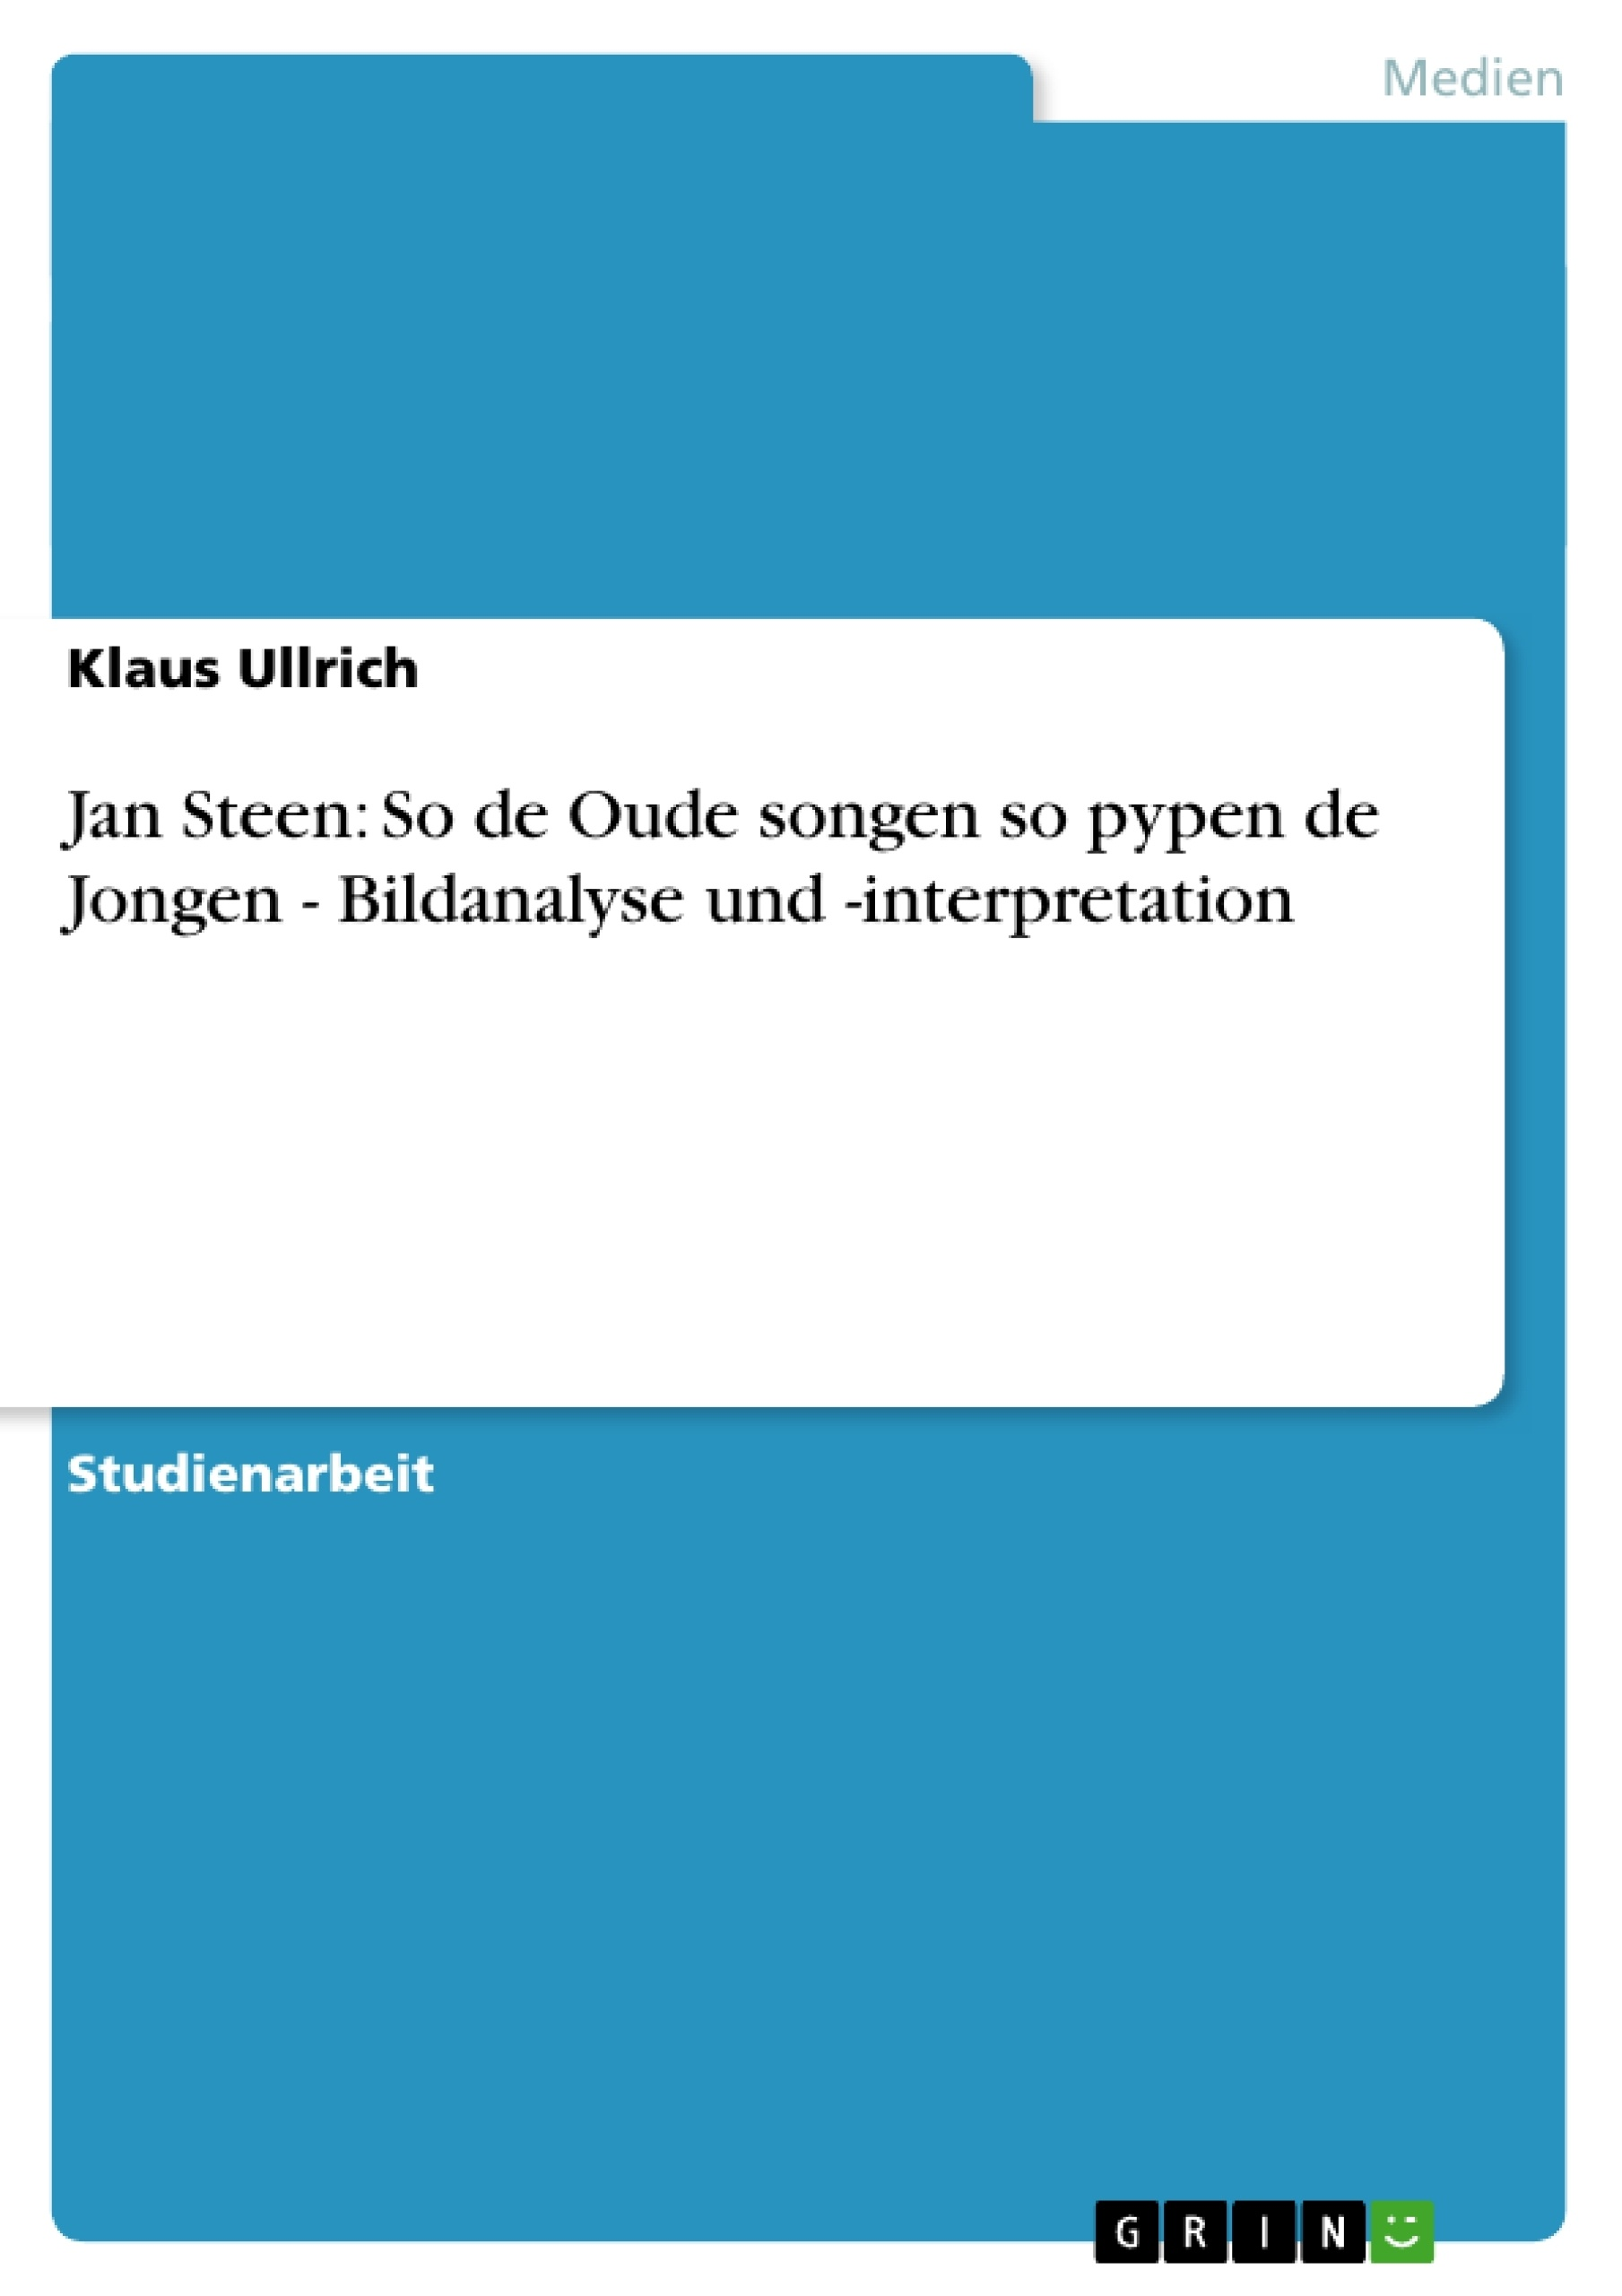 Titel: Jan Steen: So de Oude songen so pypen de Jongen - Bildanalyse und -interpretation